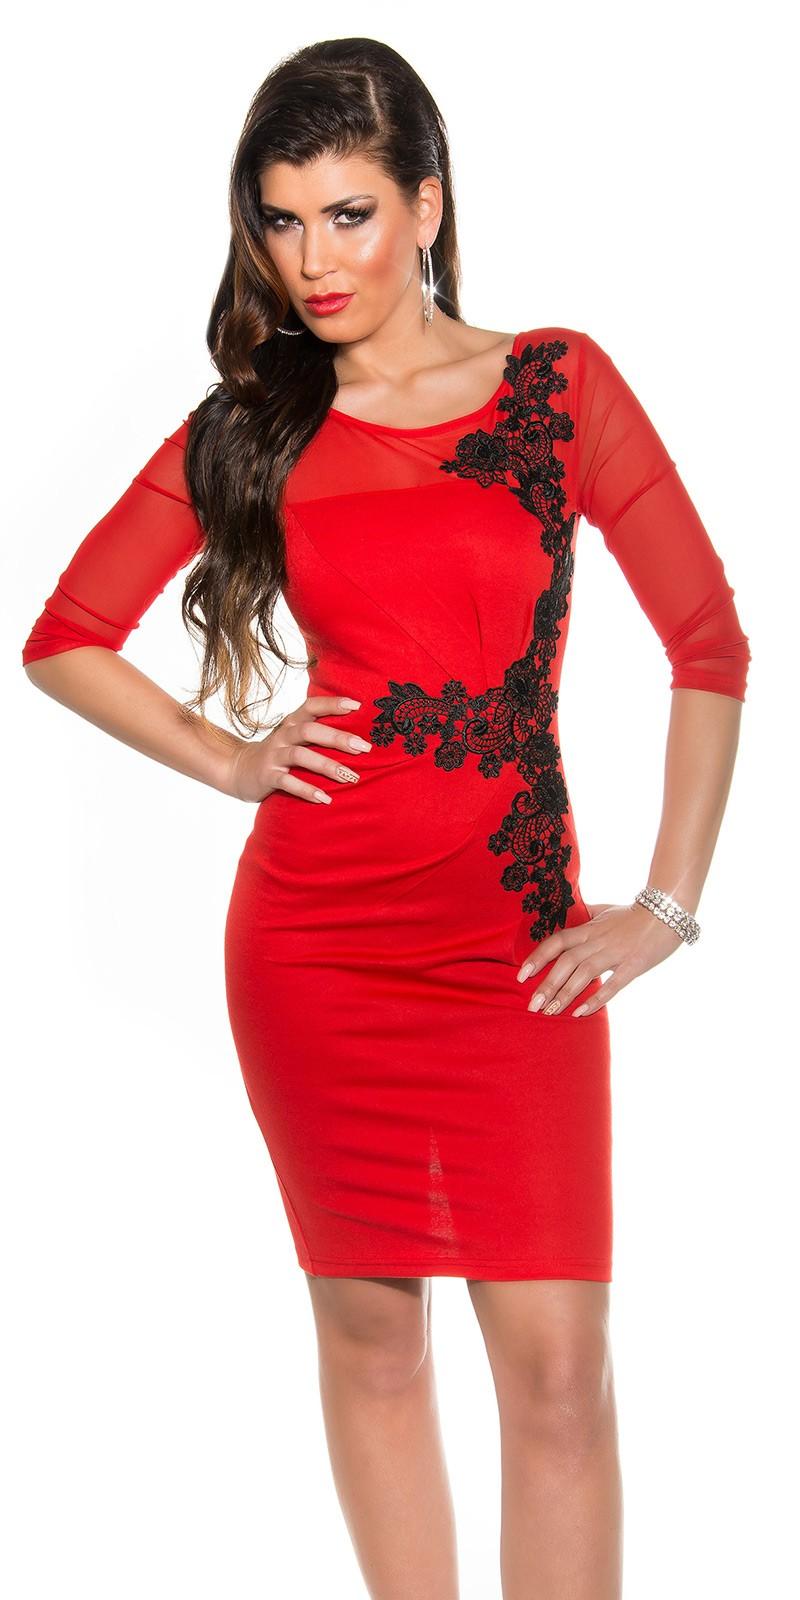 ef6168ec57 NŐI RUHA   Fekete horgolt csipke díszítésű női alkalmi ruha - Lazac ...